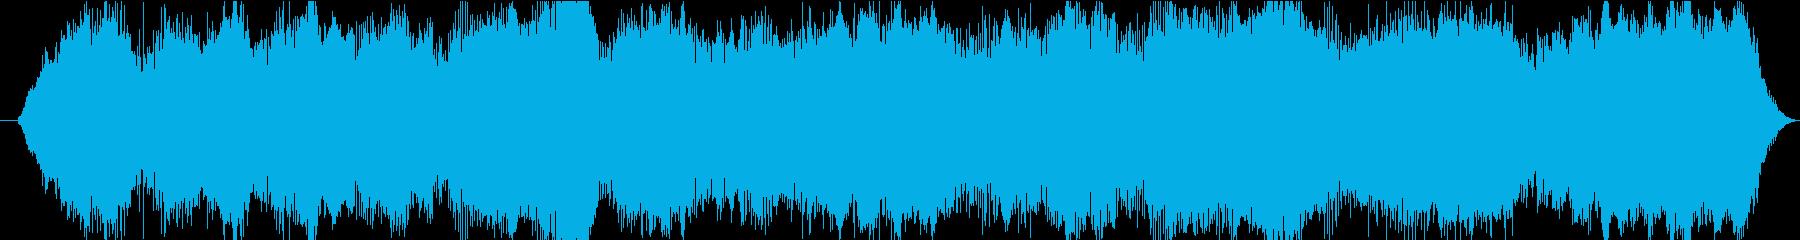 15秒CM向きの4 クラシックでポップスの再生済みの波形